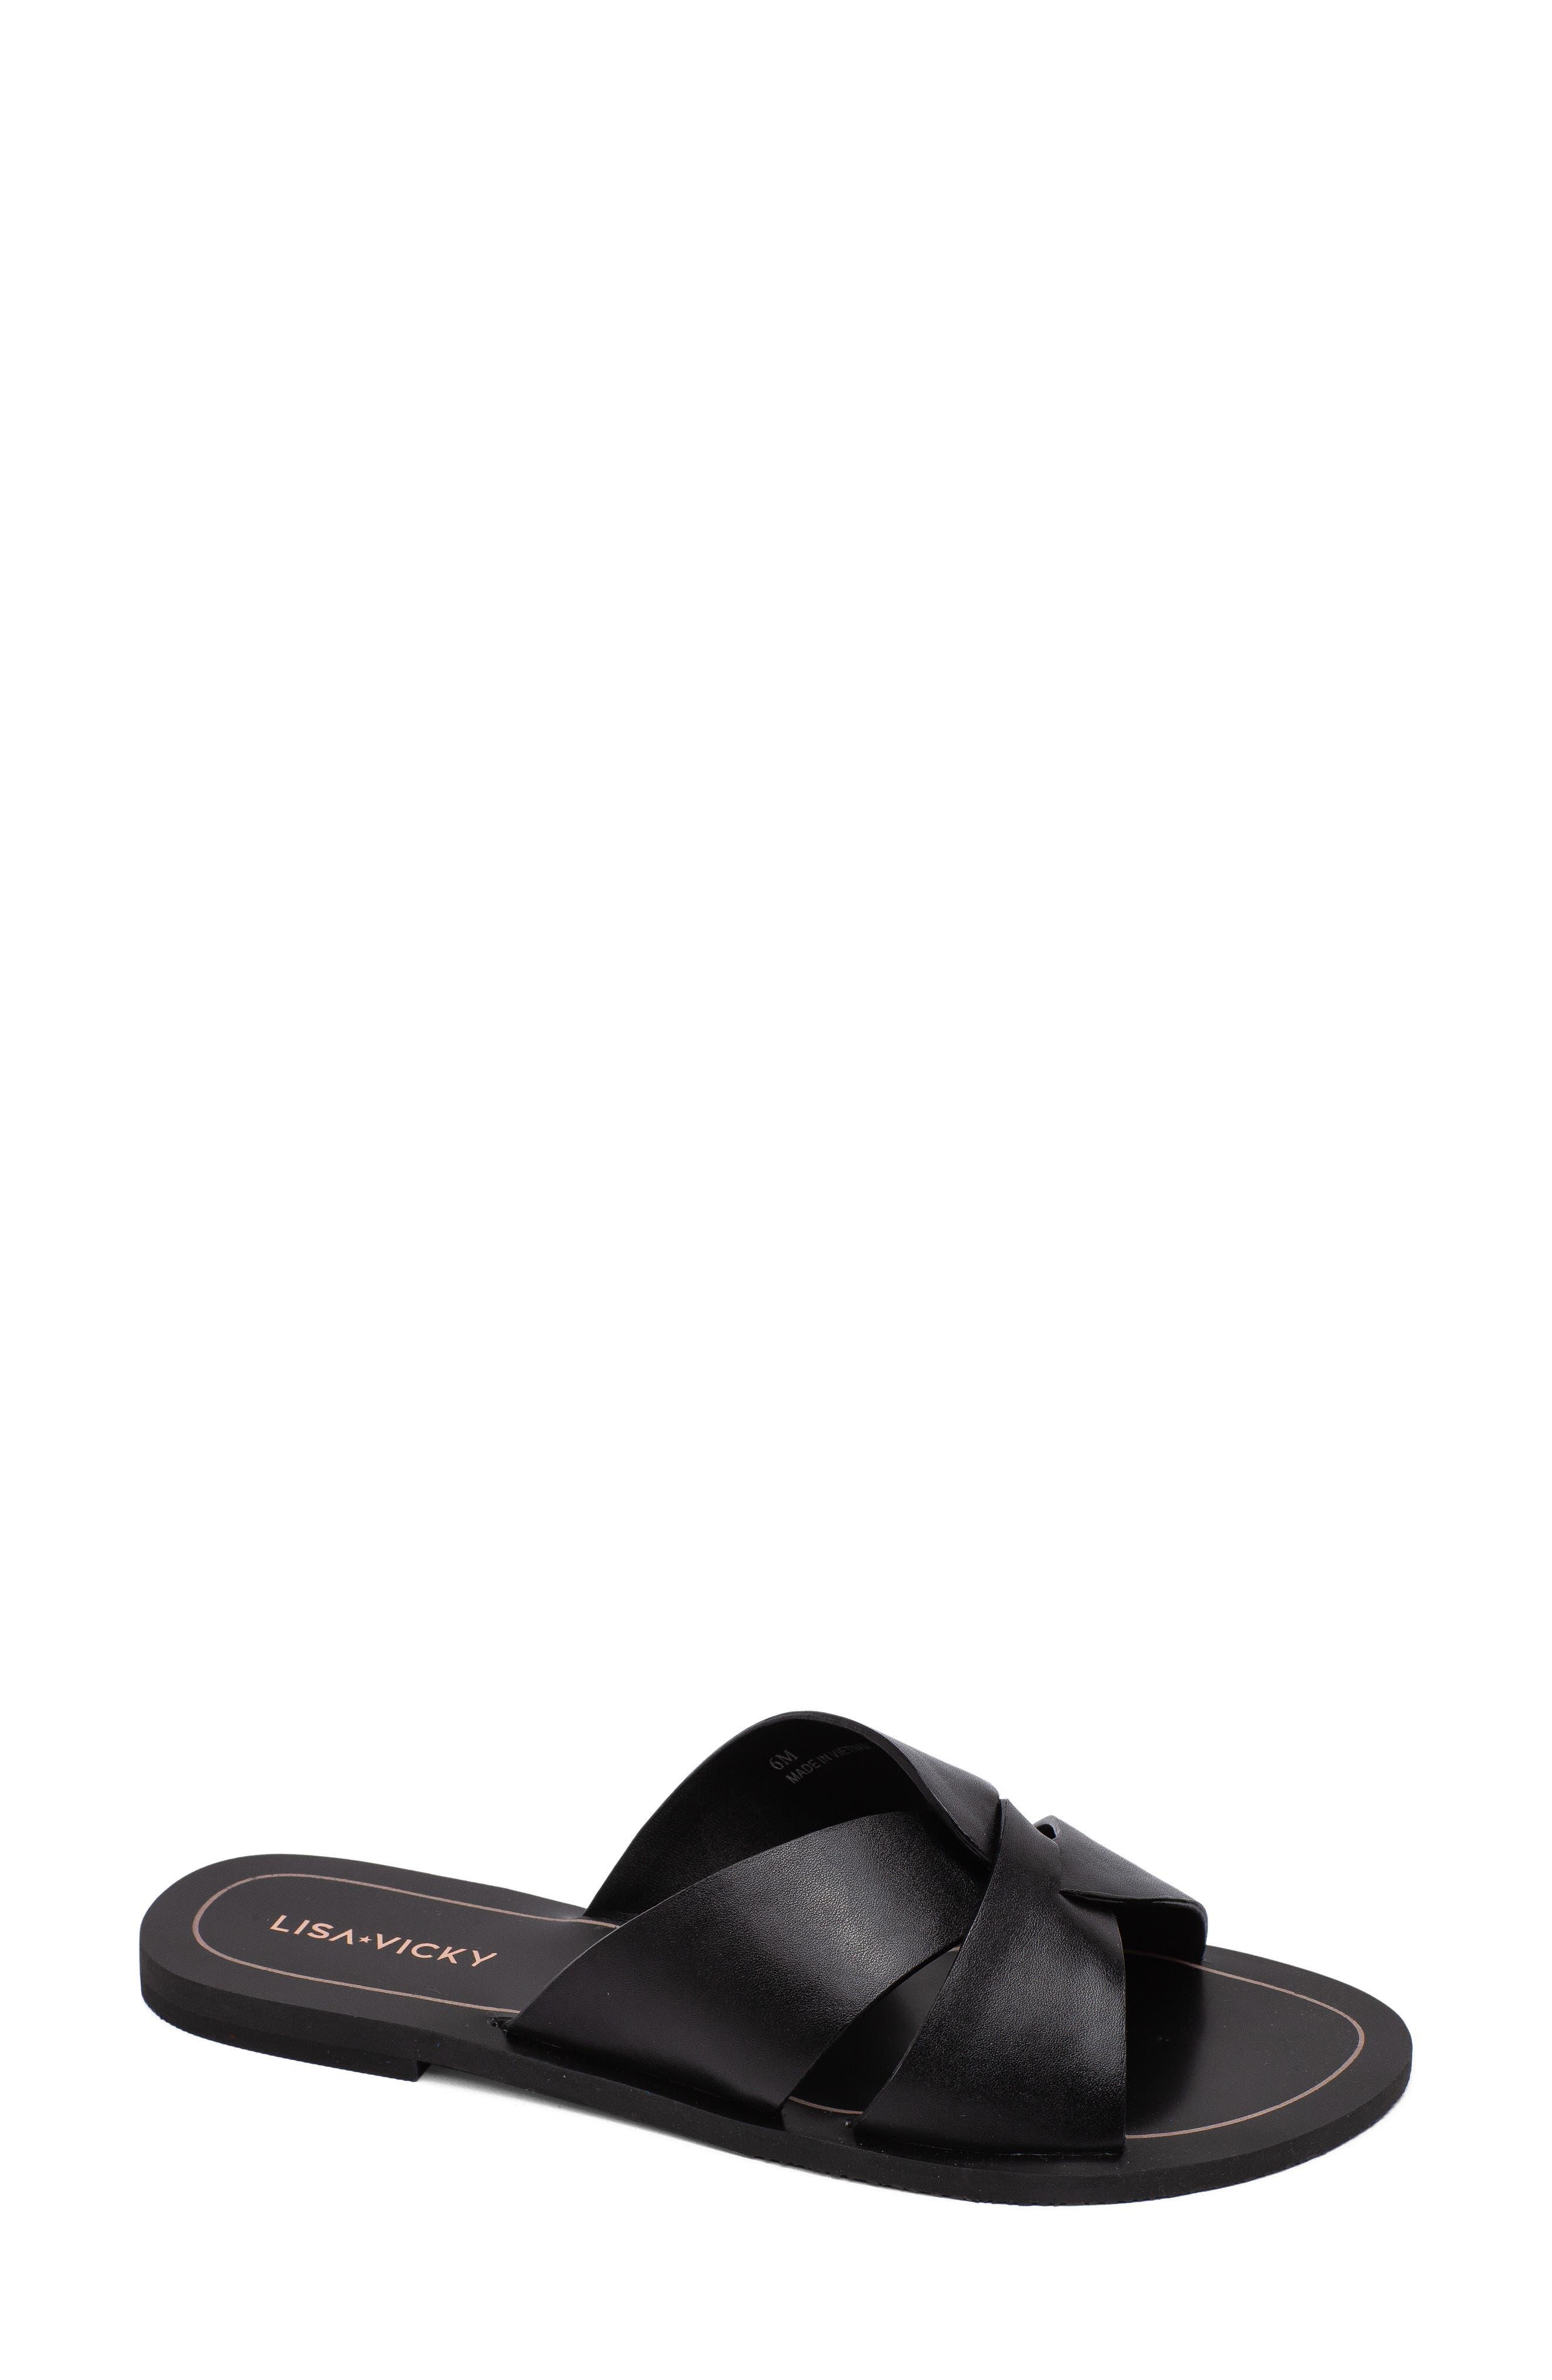 Bonus Slide Sandal